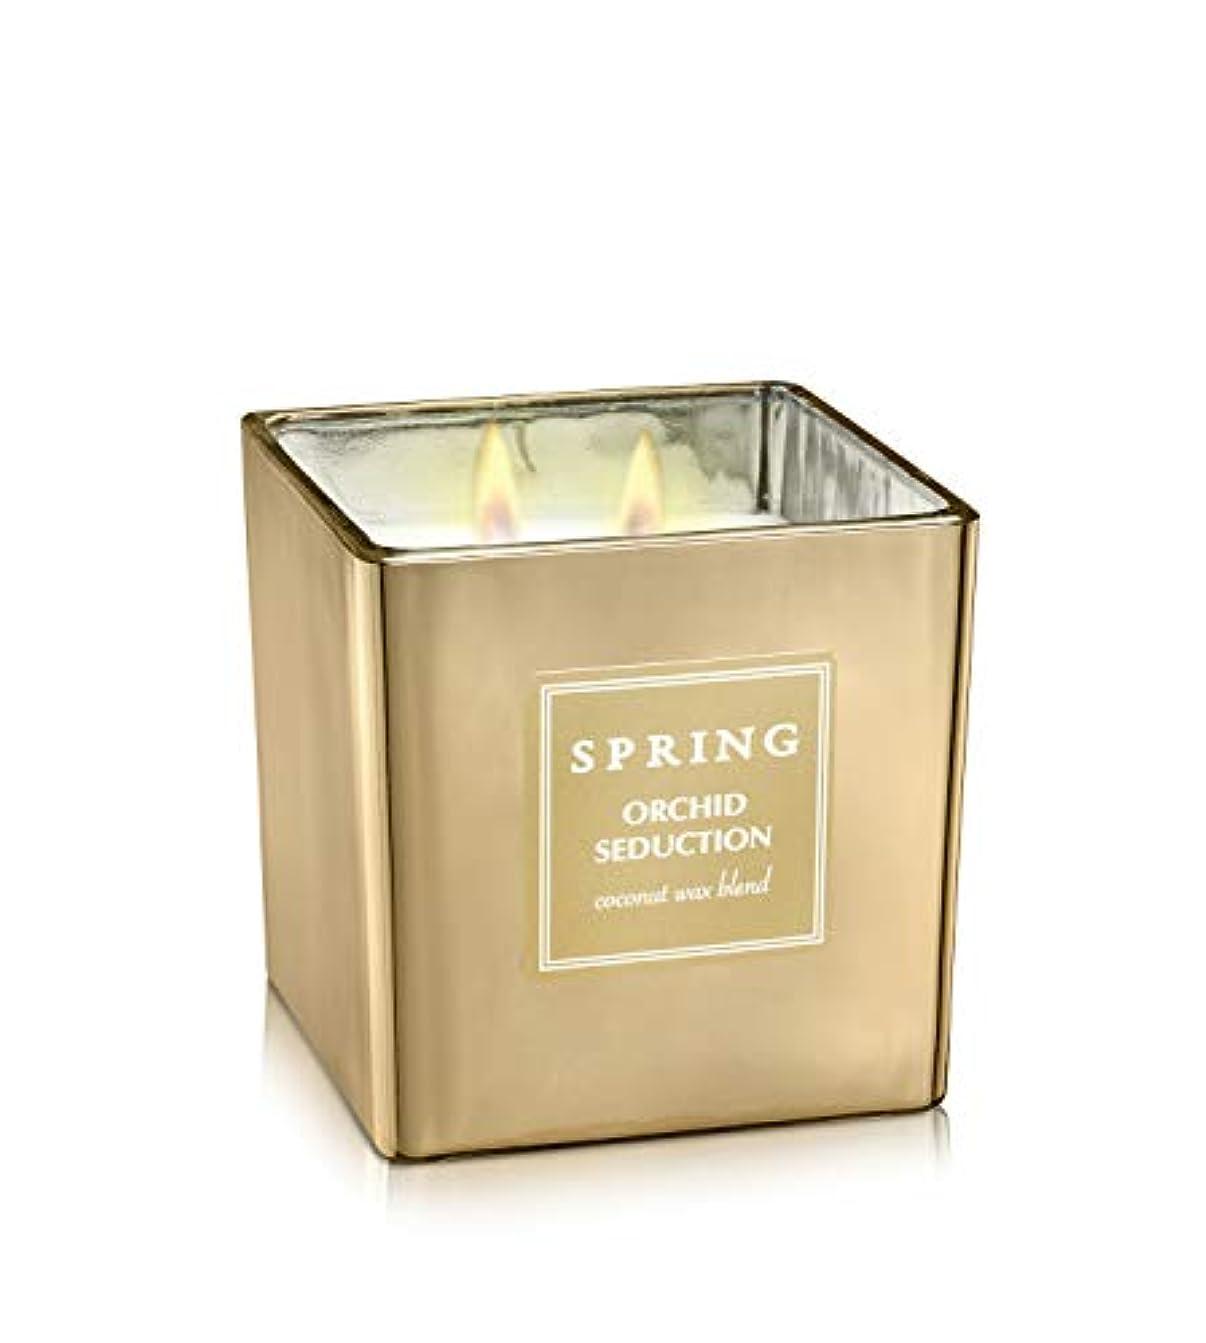 宣言サミュエル手つかずのばね香りつきラグジュアリーCoconutワックスGolden Candle – Cubic – サイズ8 – アルプスの花ホームデコレーション Cubic 8.5 oz